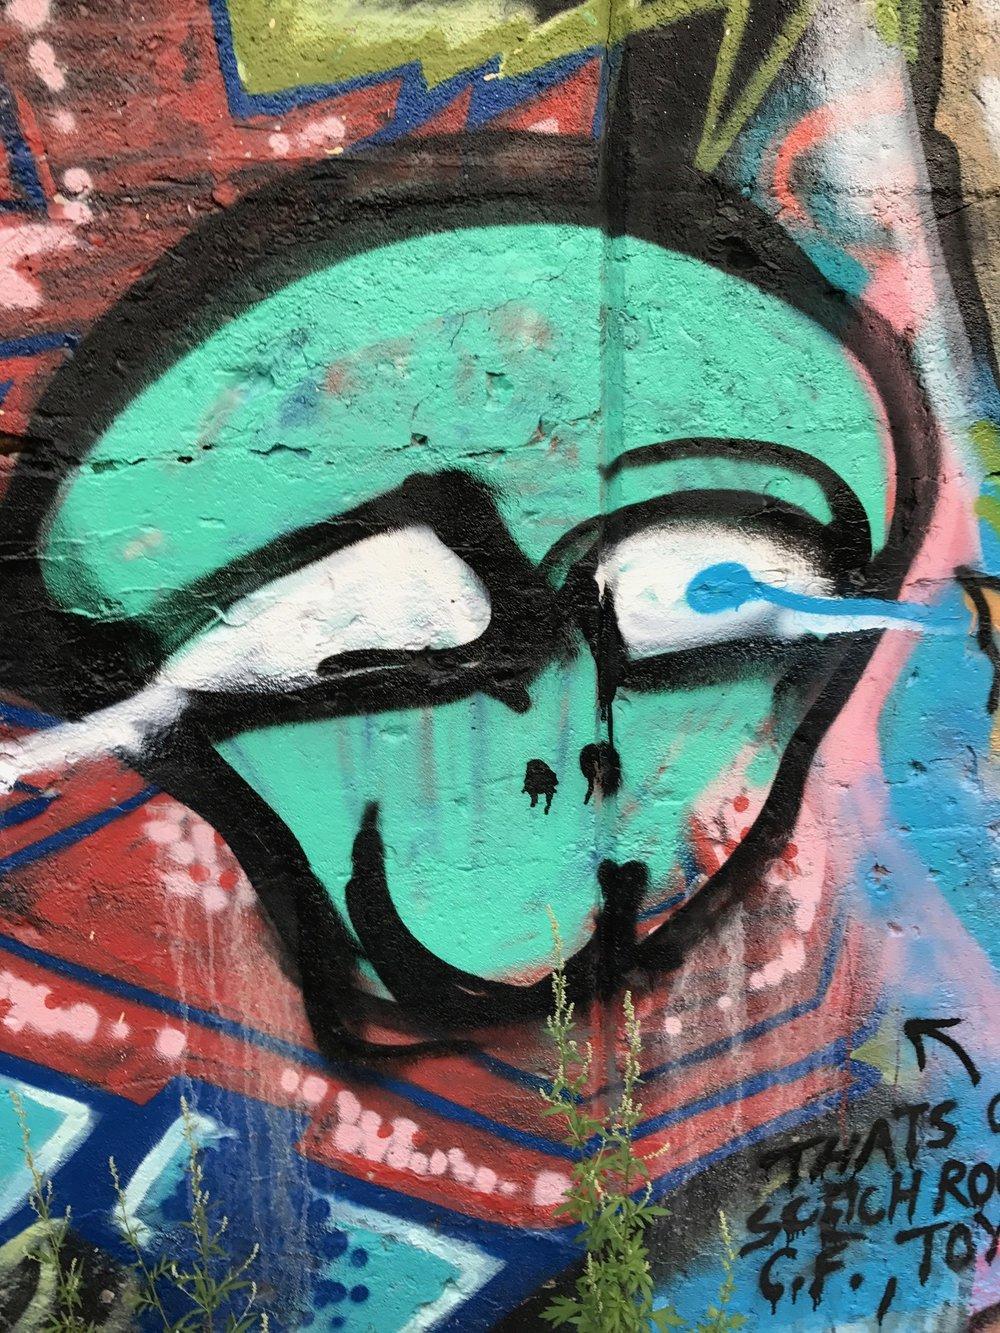 Detorit Graffi 3 IMG_6785.JPG